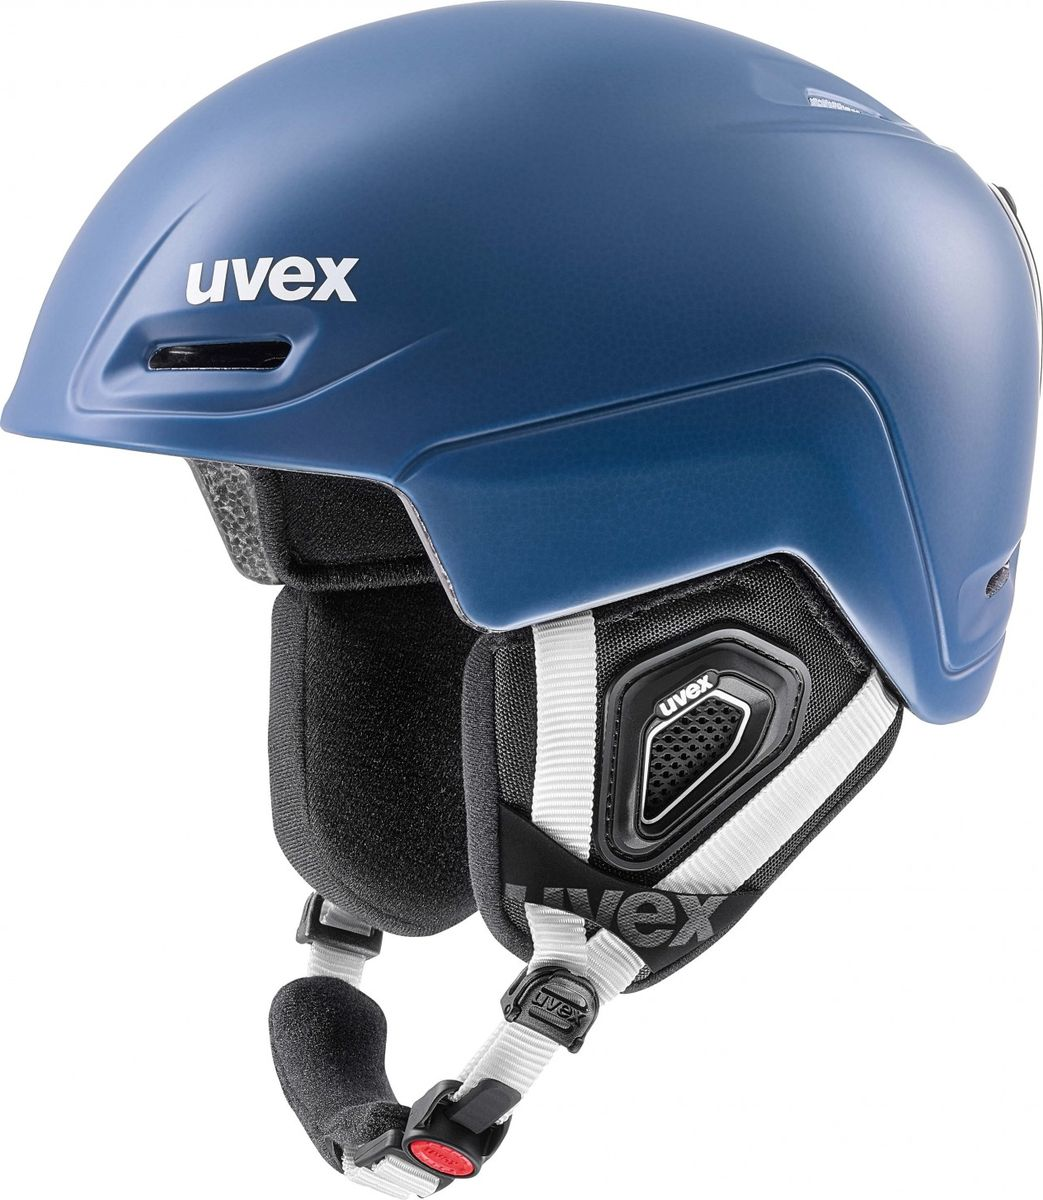 Шлем горнолыжный Uvex Jimm Helmet, цвет: синий матовый. Размер S uvex маски горнолыжные